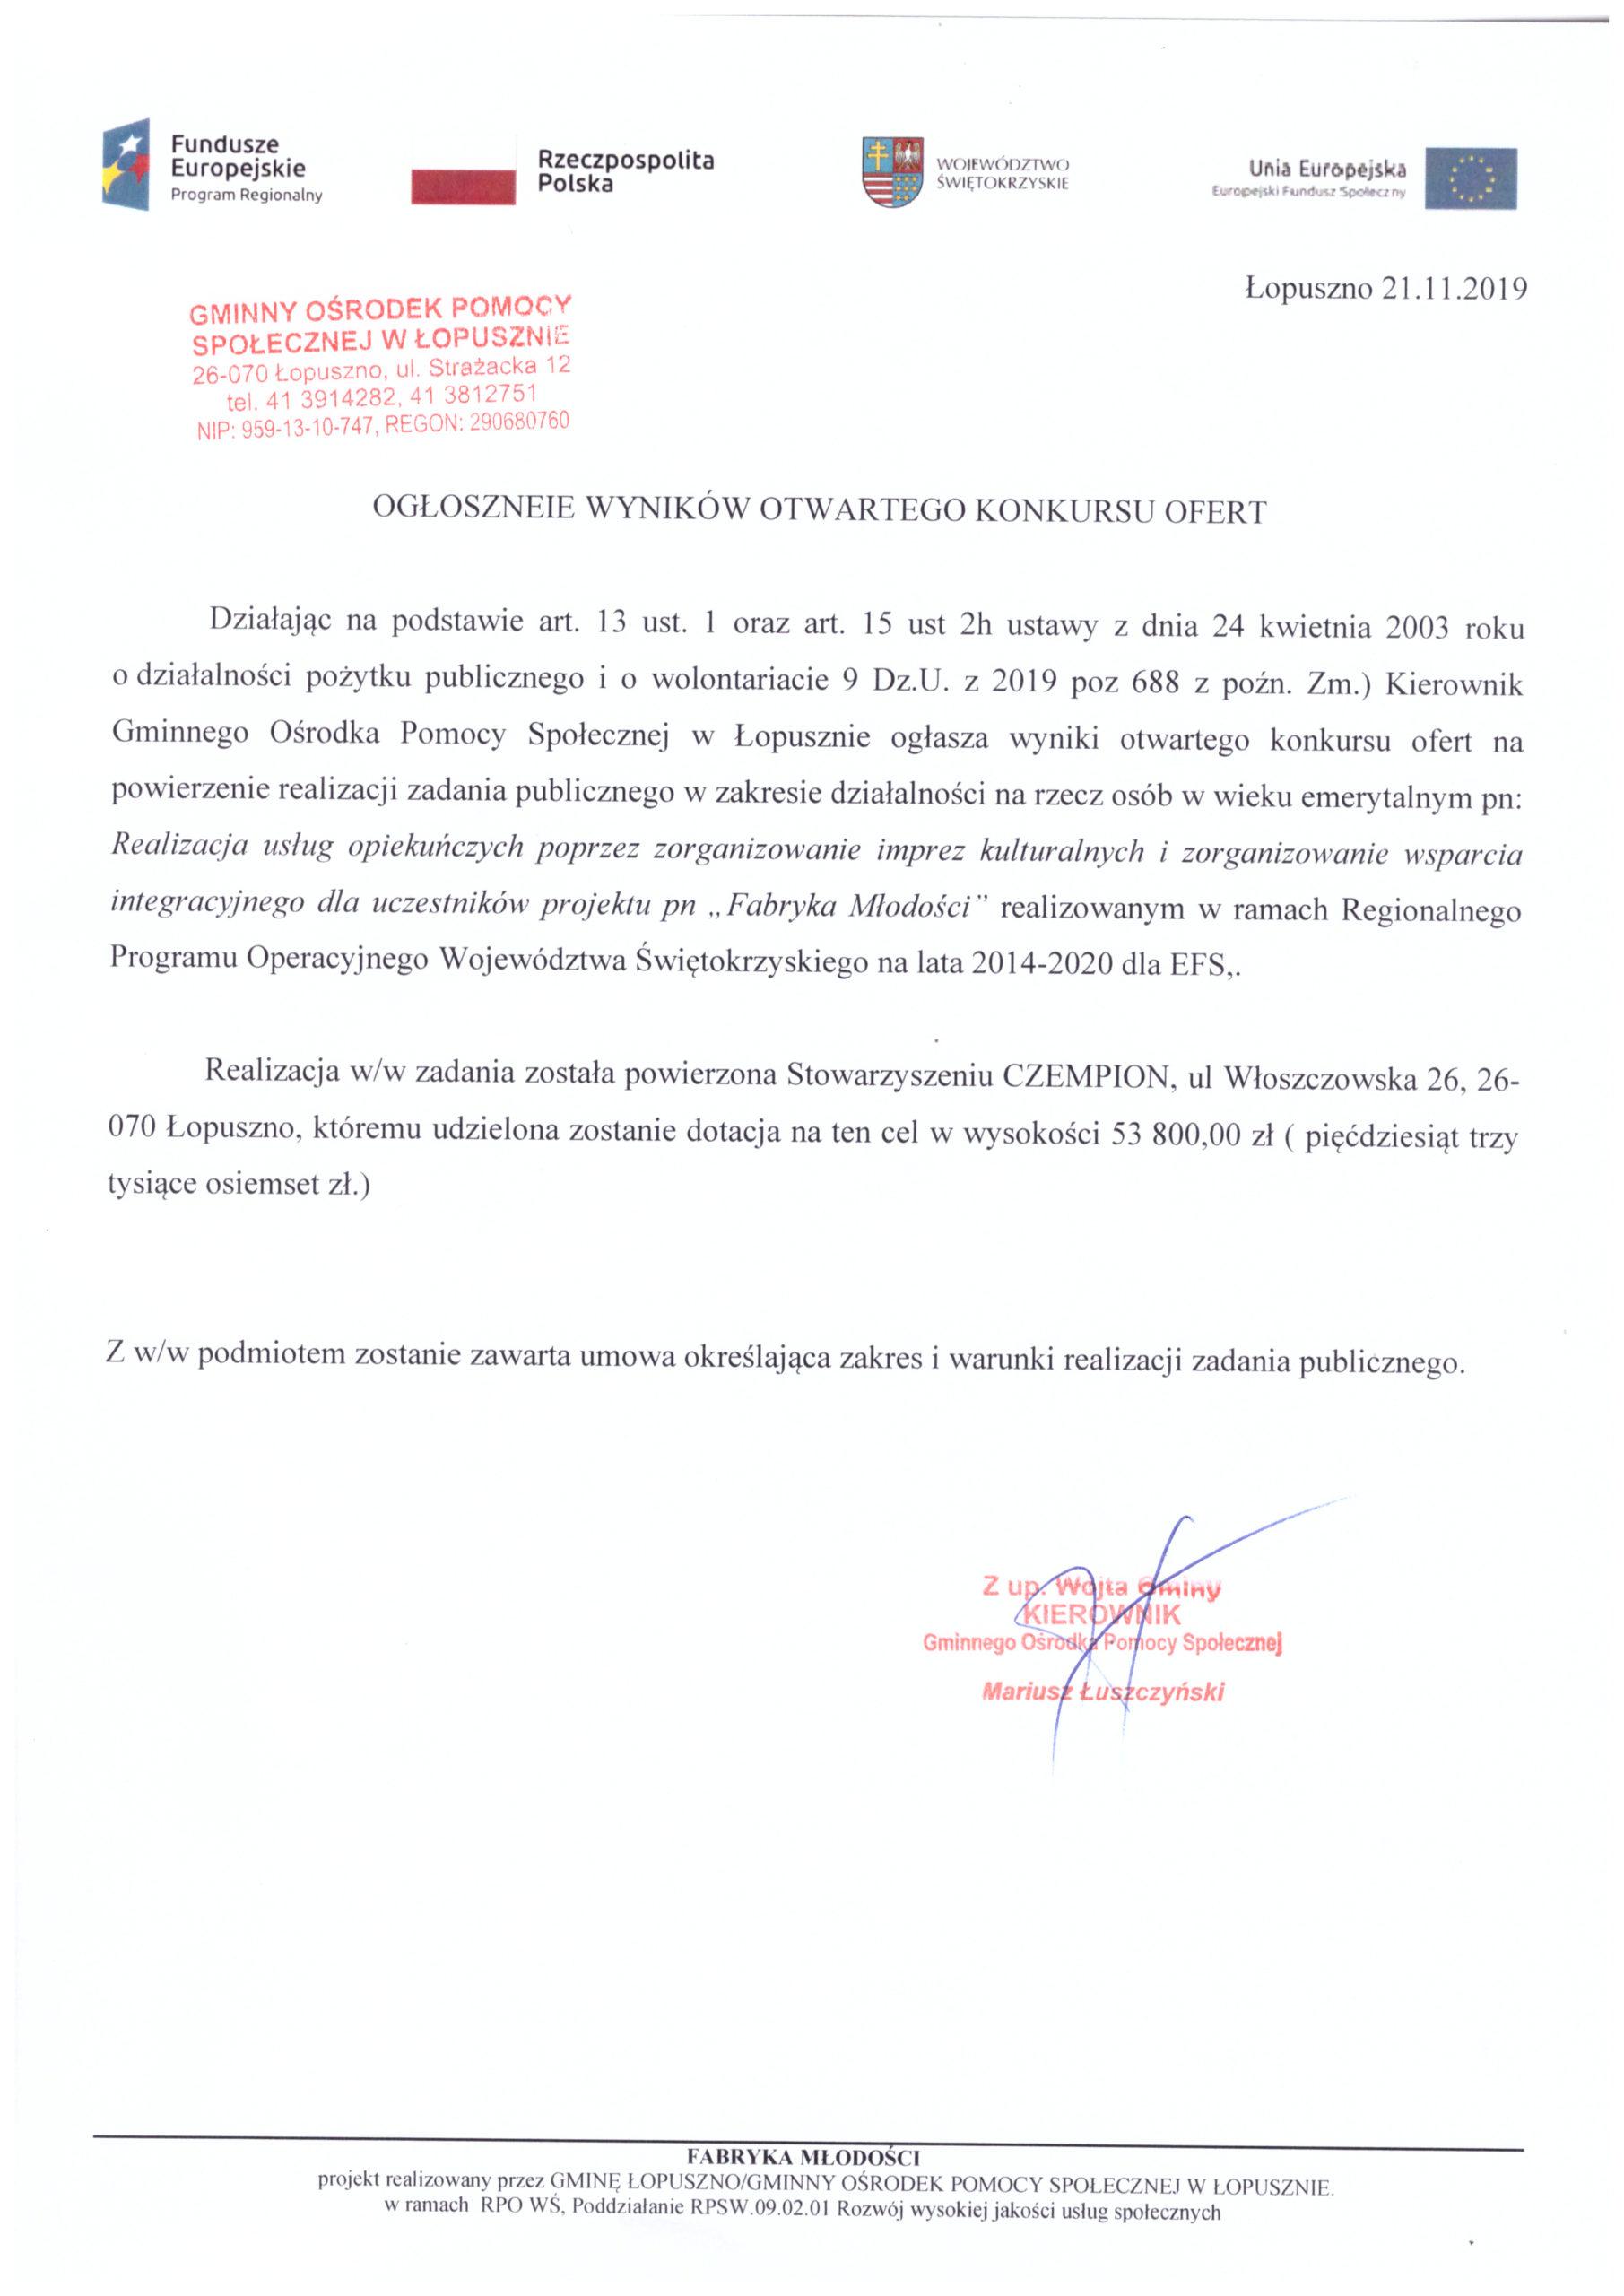 Fabryka młodości – Ogłoszenie wyników otwartego konkursu ofert, Gminny Ośrodek Pomocy Społecznej w Łopusznie